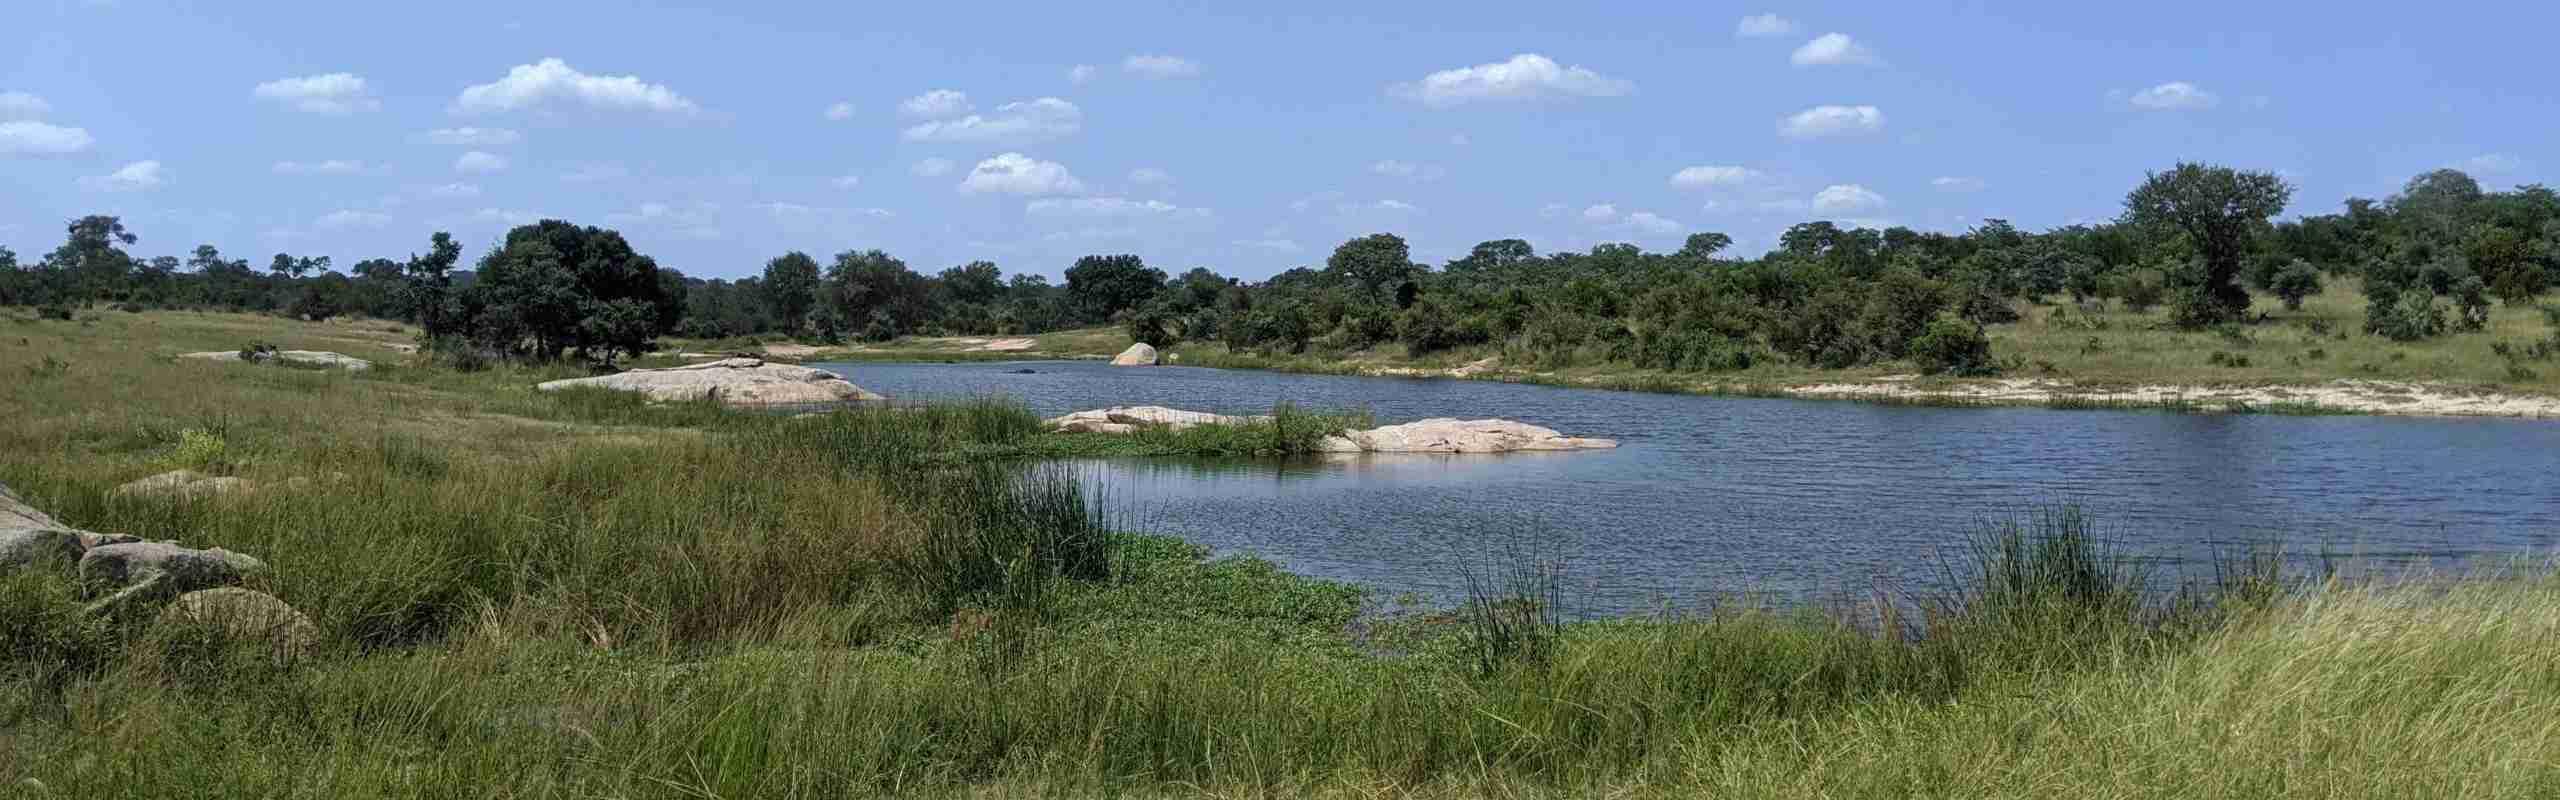 Kruger National Park water hole